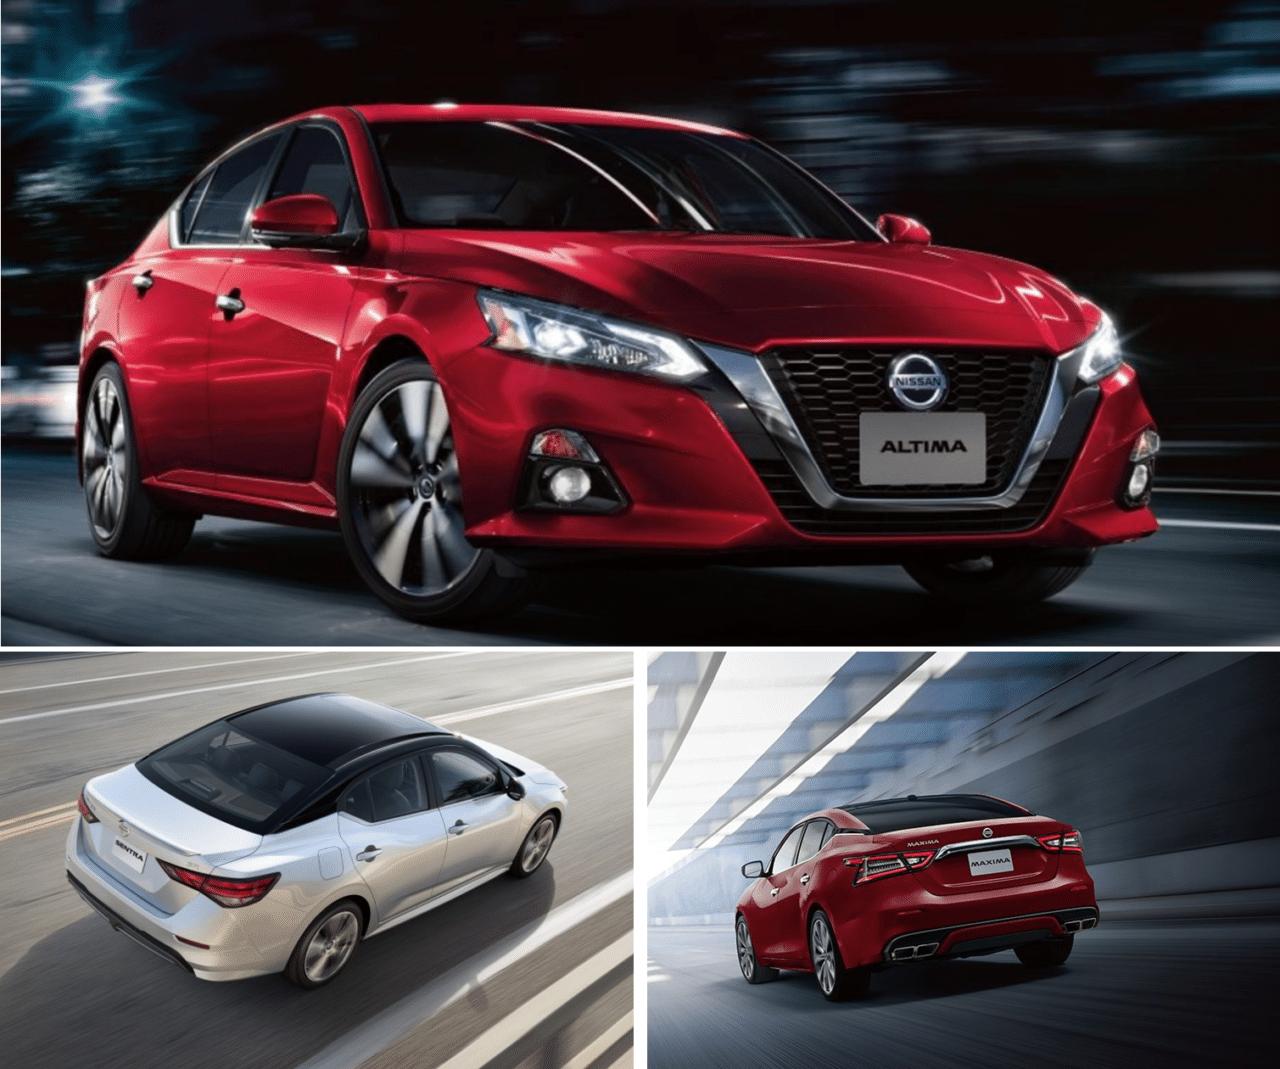 Vehículos Nissan con el más alto nivel de seguridad, según el IIHS